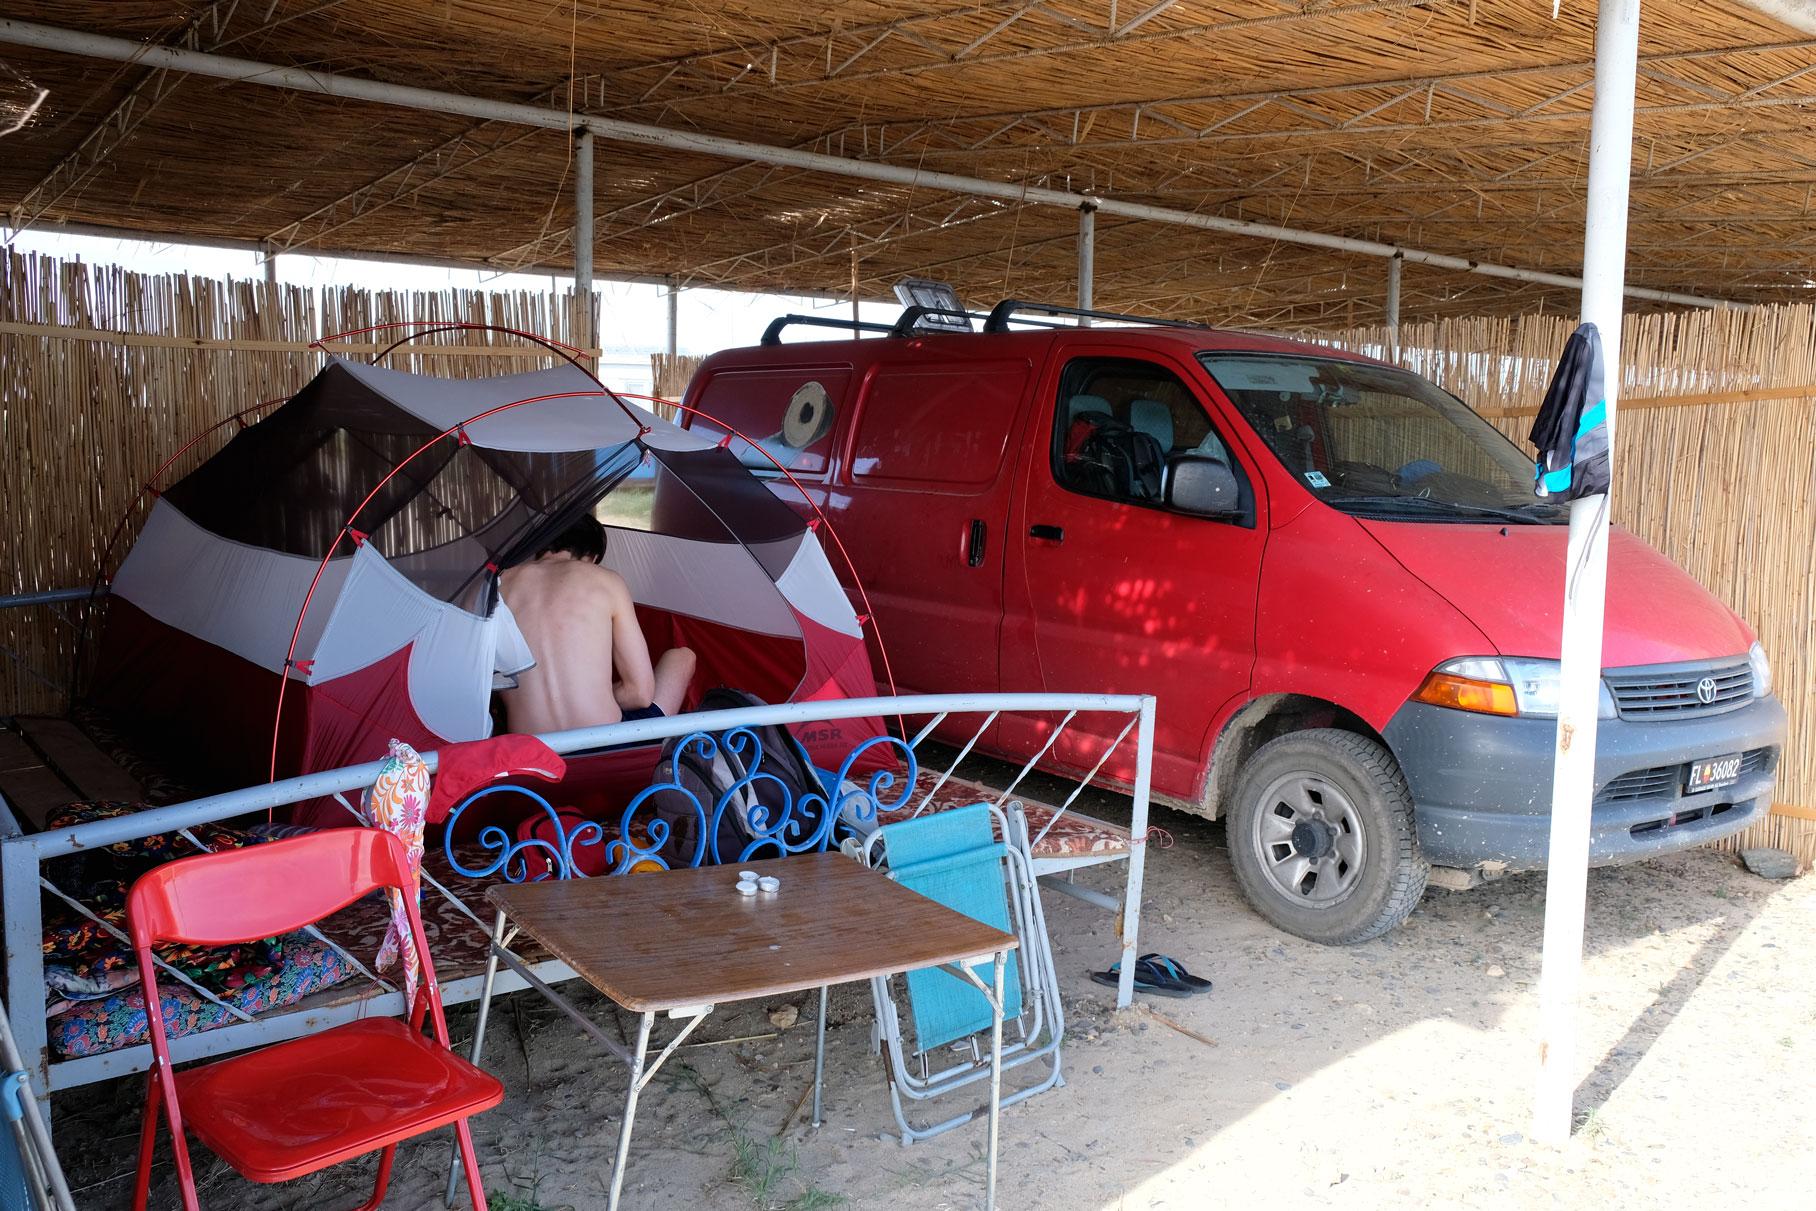 Sebastian sitzt in einem Zelt, das neben einem Kleintransporter steht